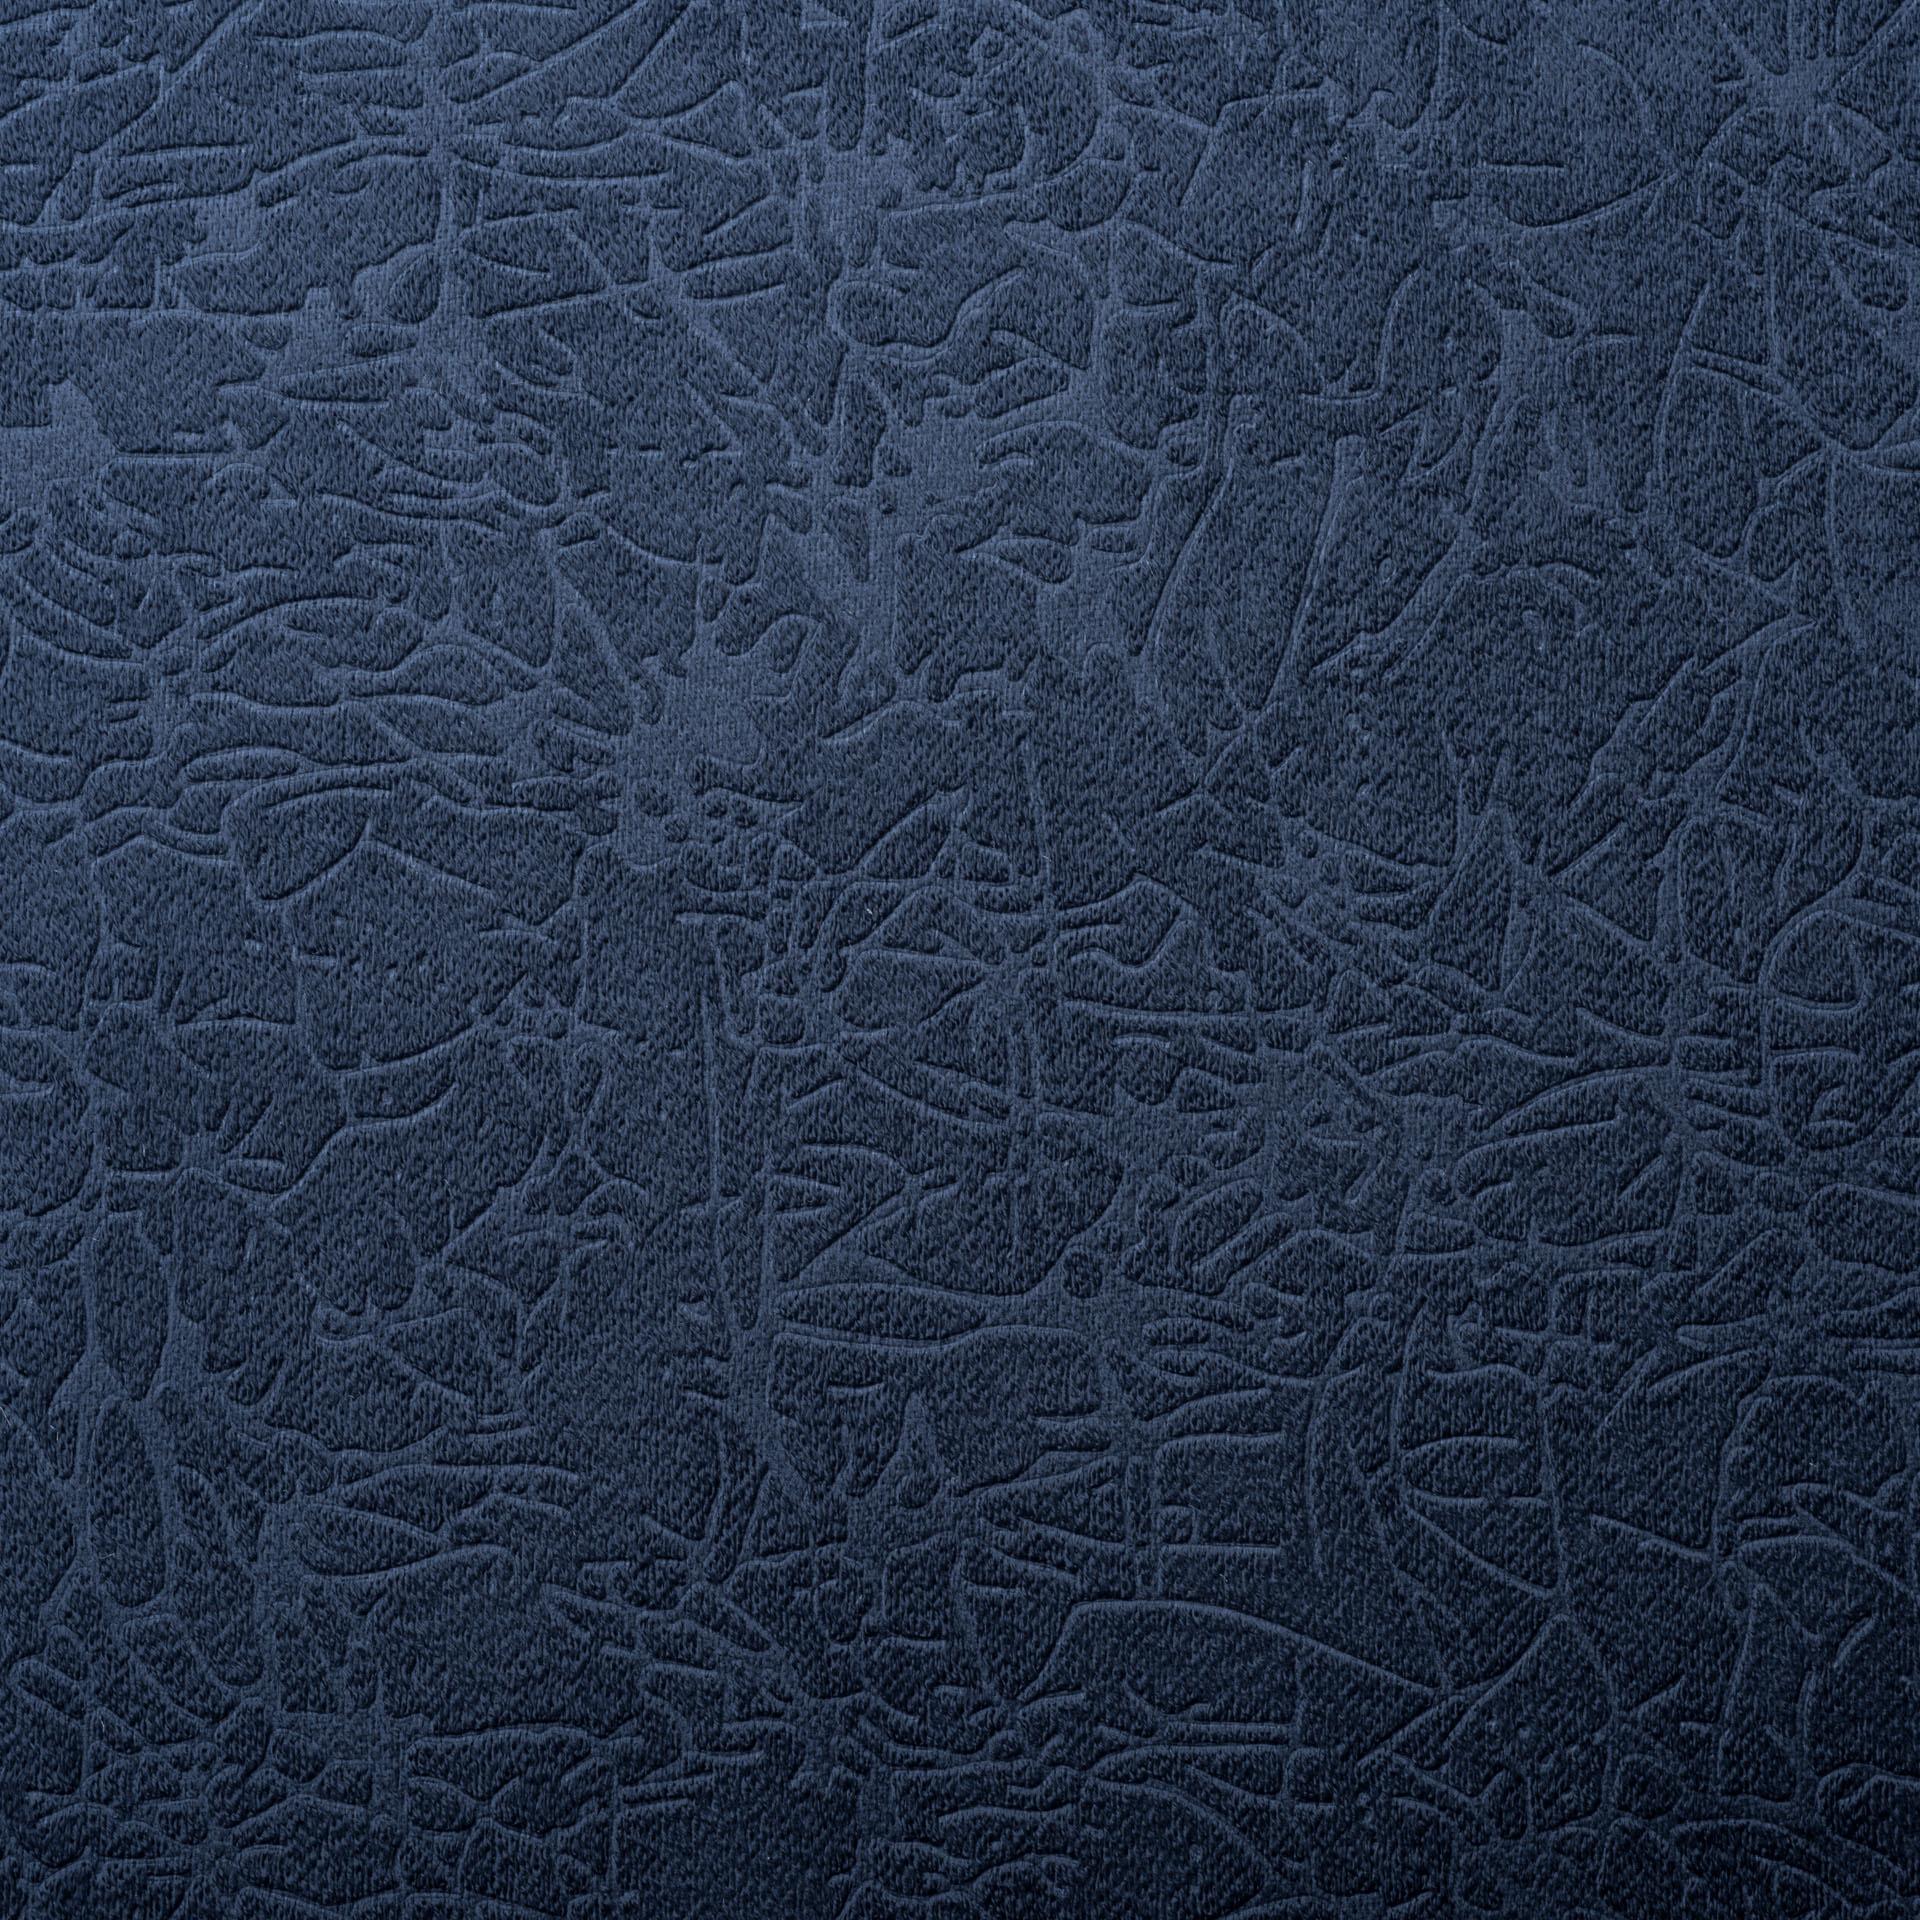 Коллекция ткани Пленет 16 ANTRACITE,  купить ткань Велюр для мебели Украина